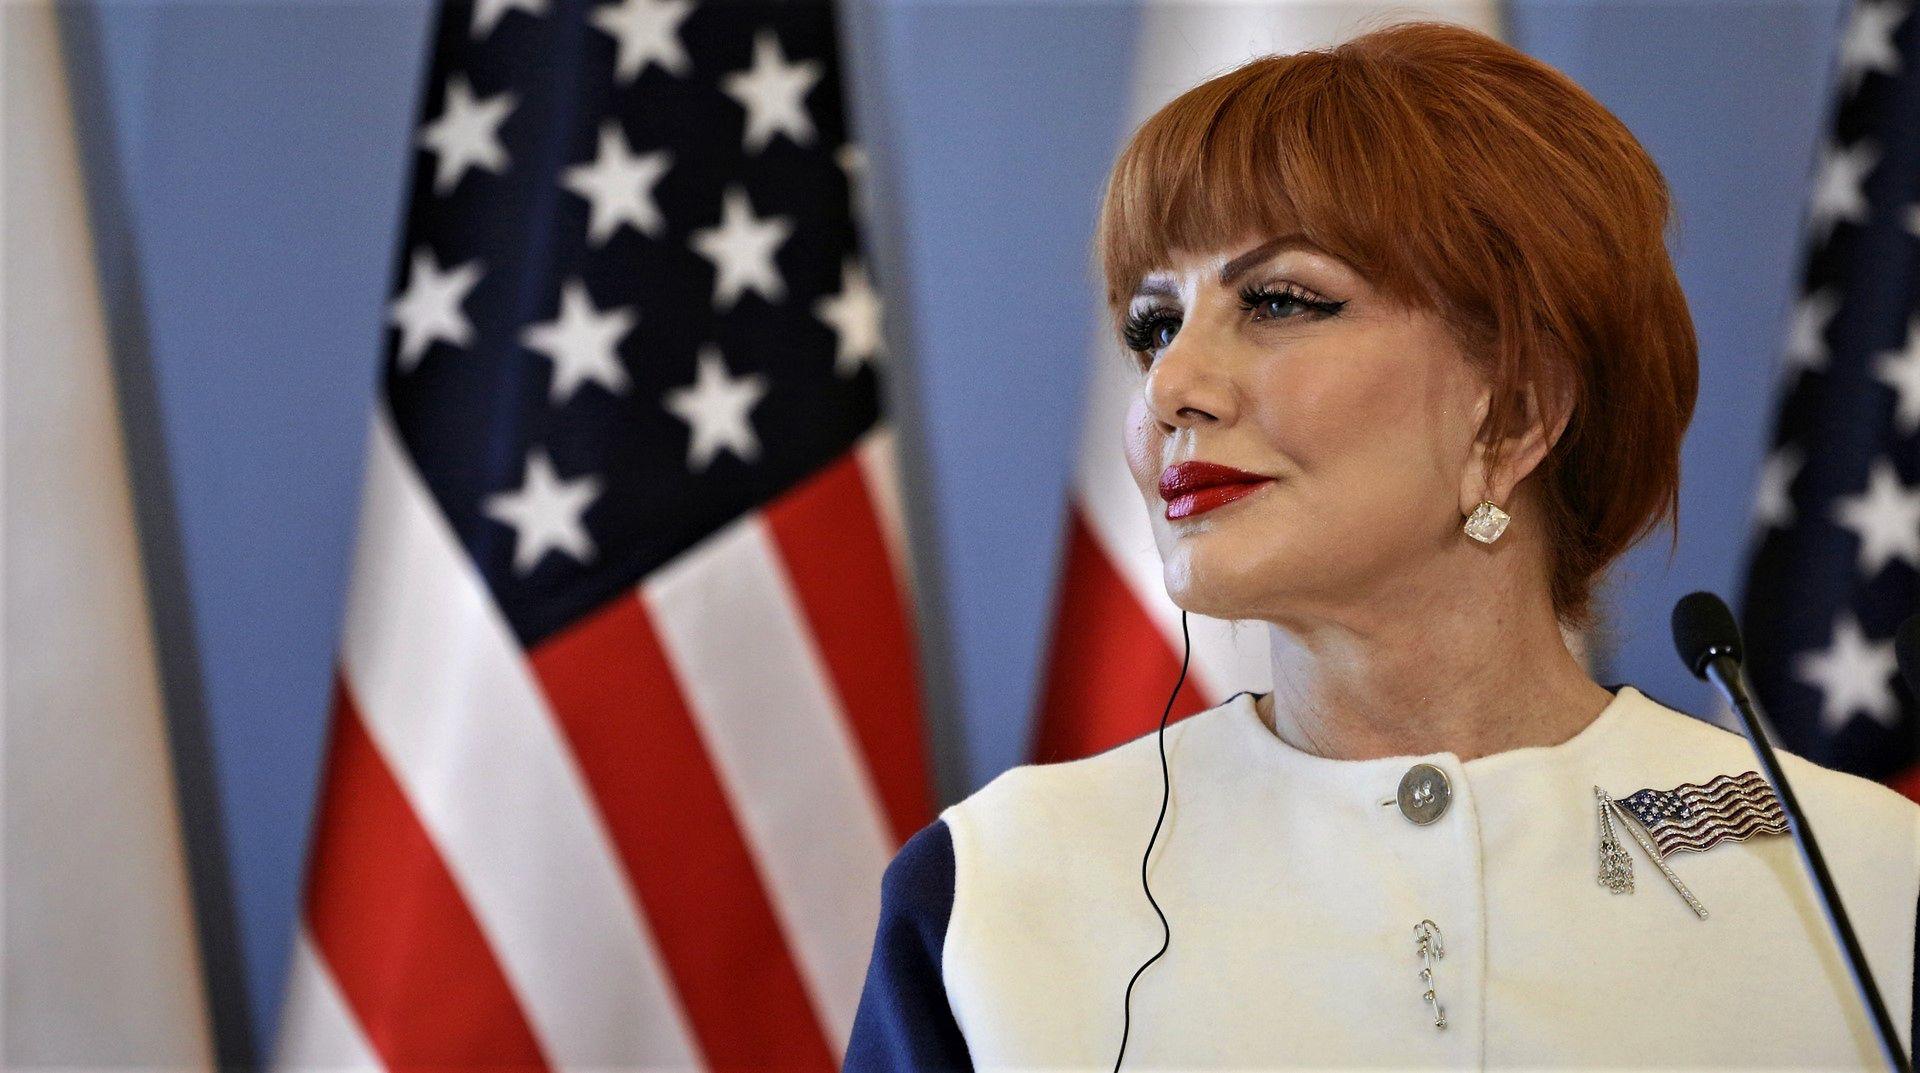 Trump drugi raz w Polsce? Ambasador USA: Przed wyborami? Mało realistyczne oczekiwania